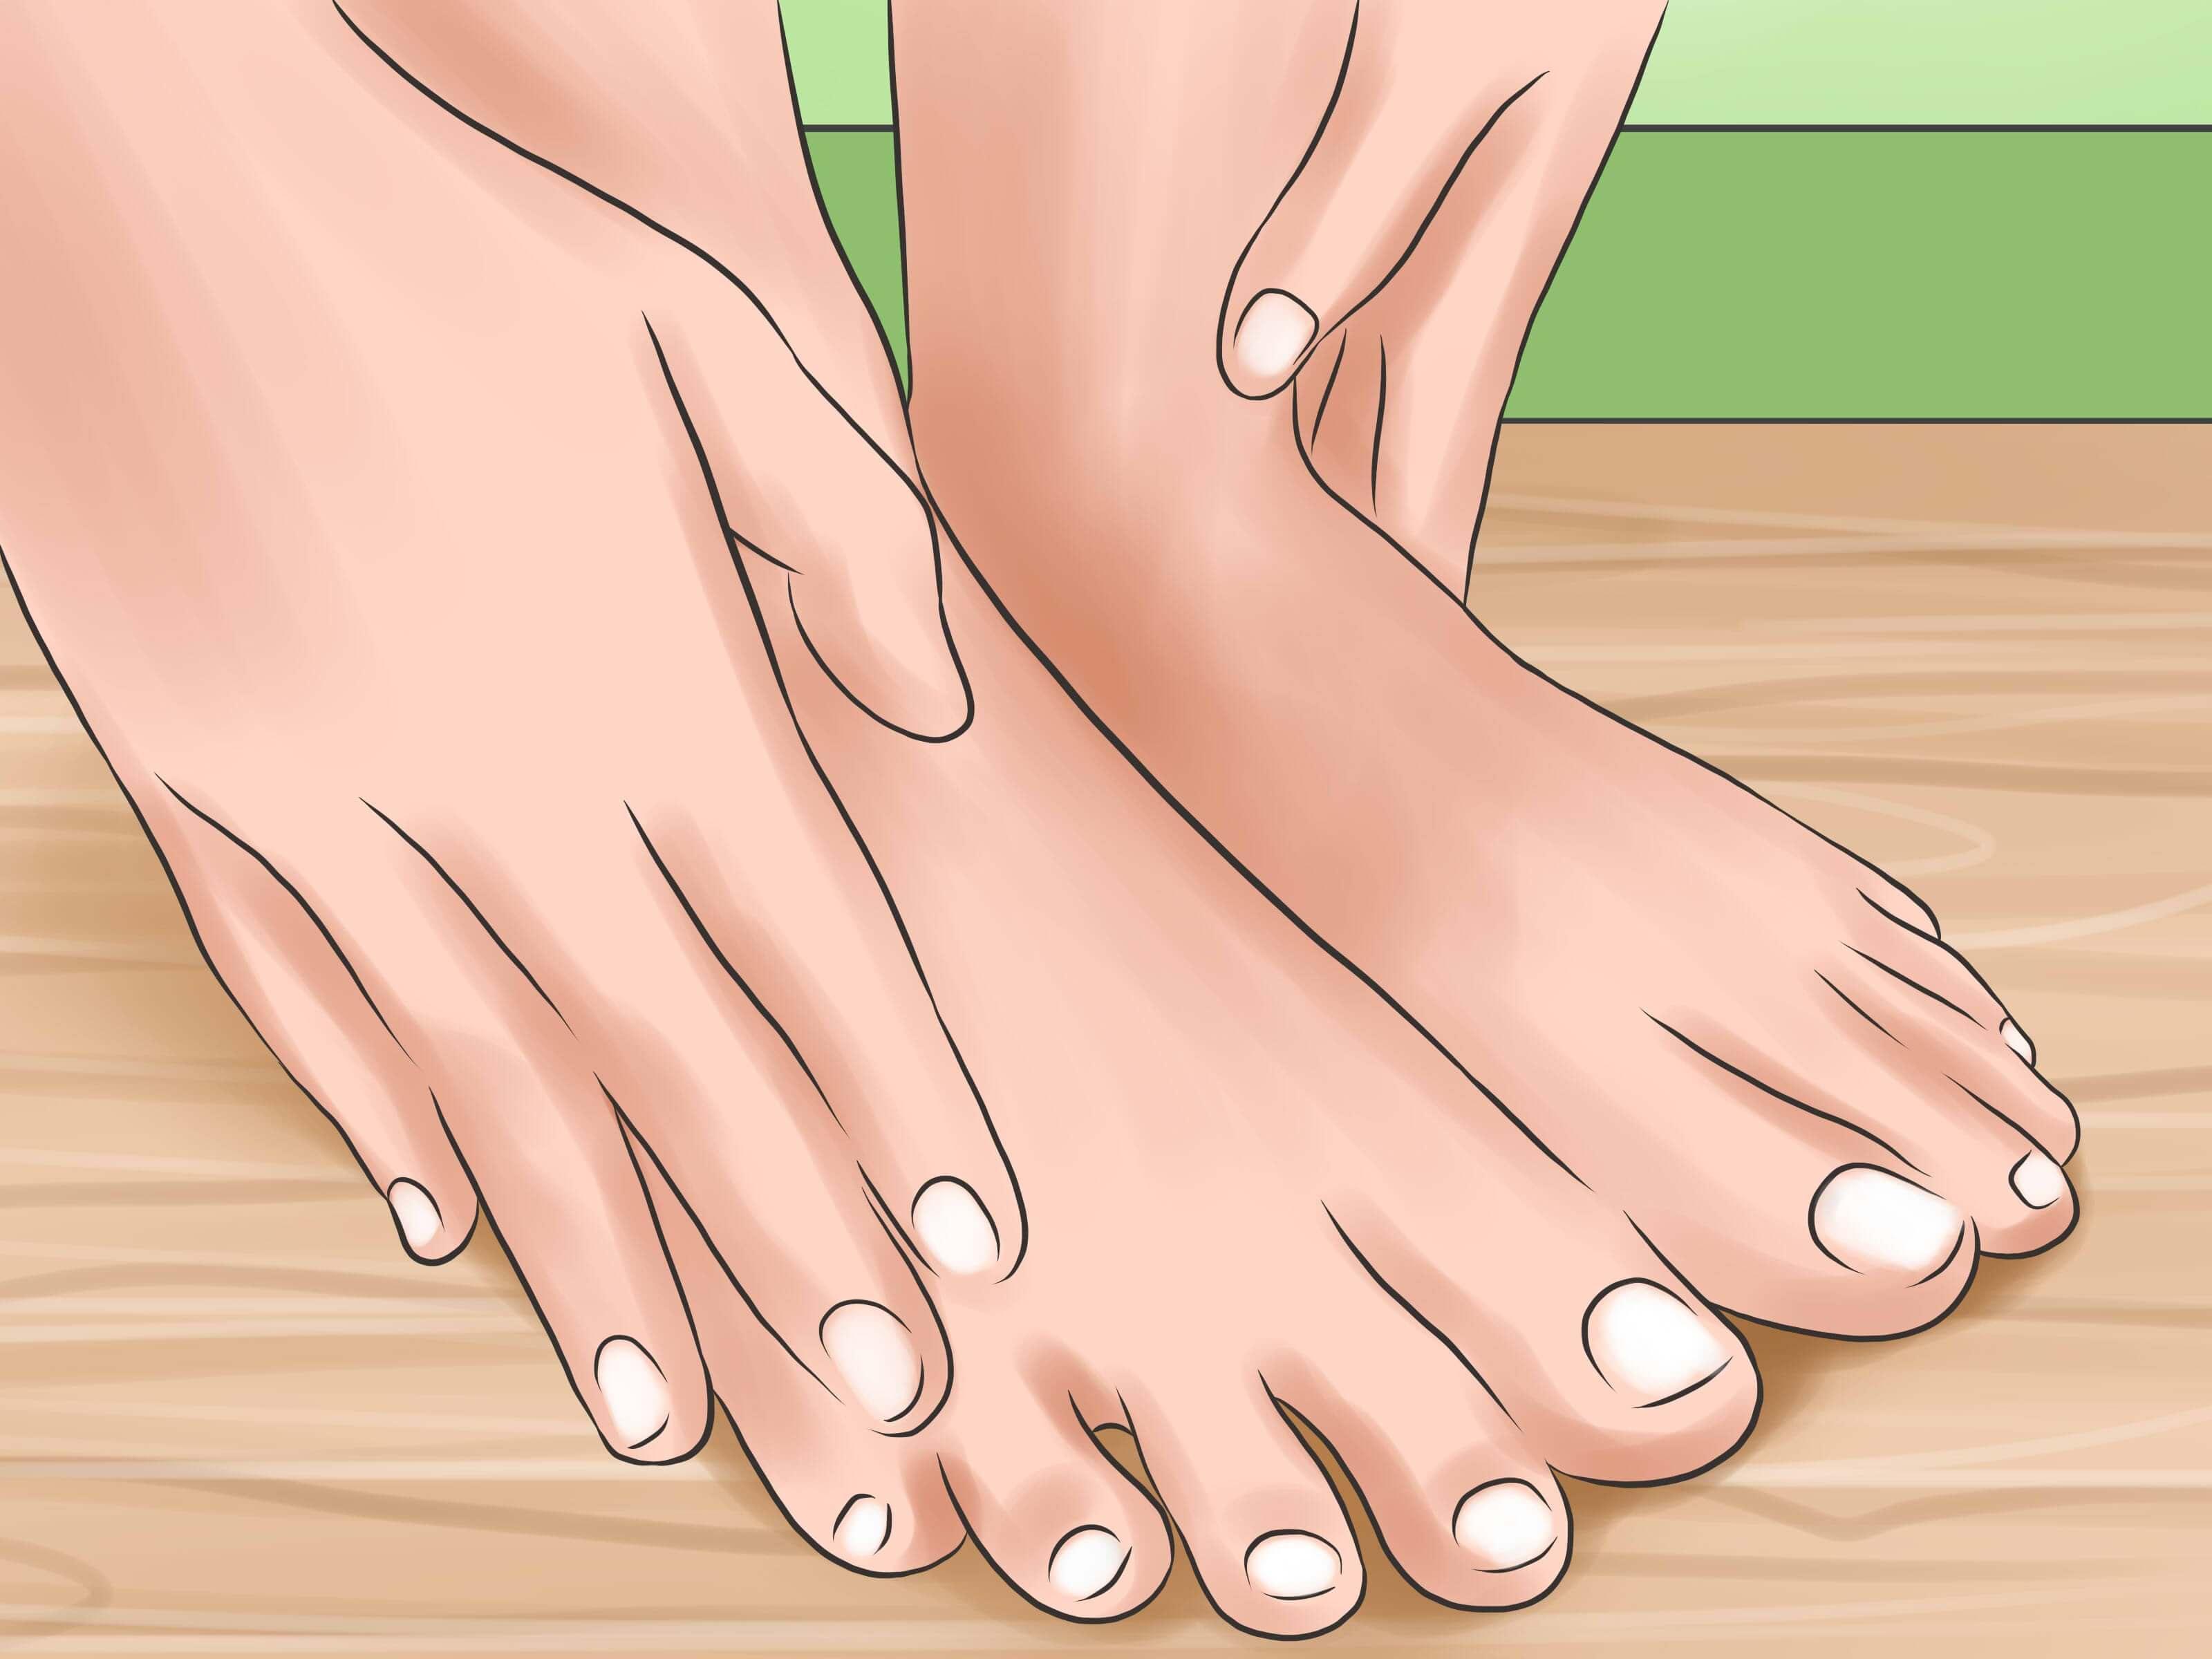 6 règles pour prendre soin de vos pieds afin qu'ils soient toujours impeccables